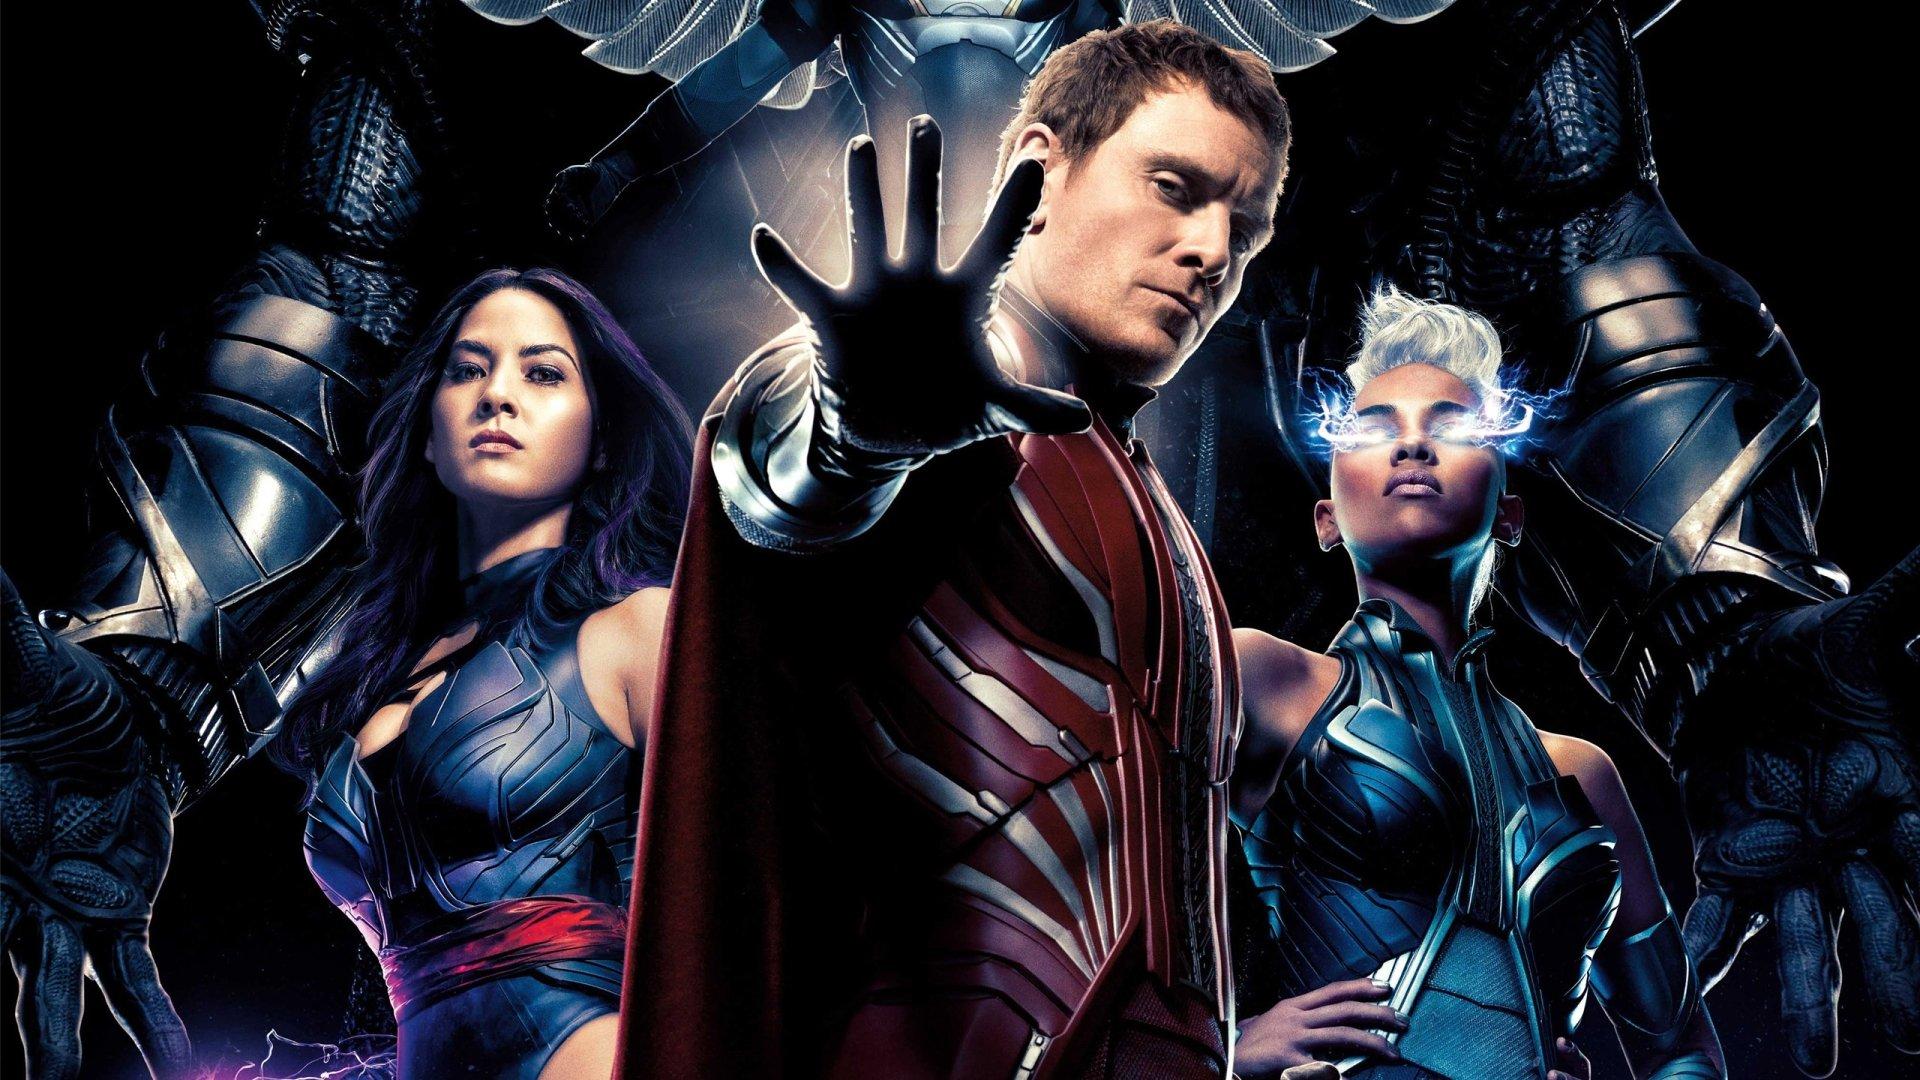 电影 - X战警:天启  Storm (Marvel Comics) 壁纸